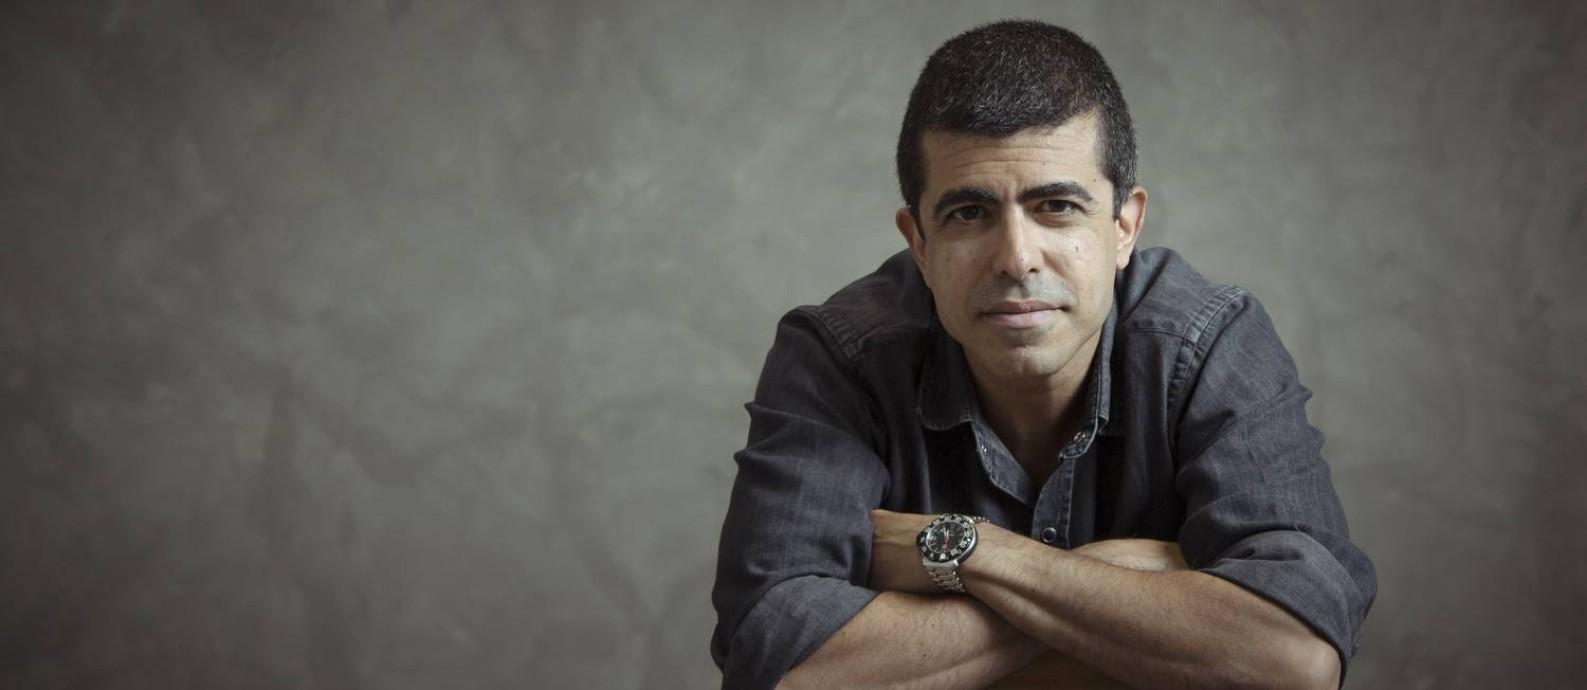 À frente do humor na Globo, Marcius Melhem afirma que sua equipe de comediantes defende valores humanistas Foto: Leo Martins / Agência O Globo